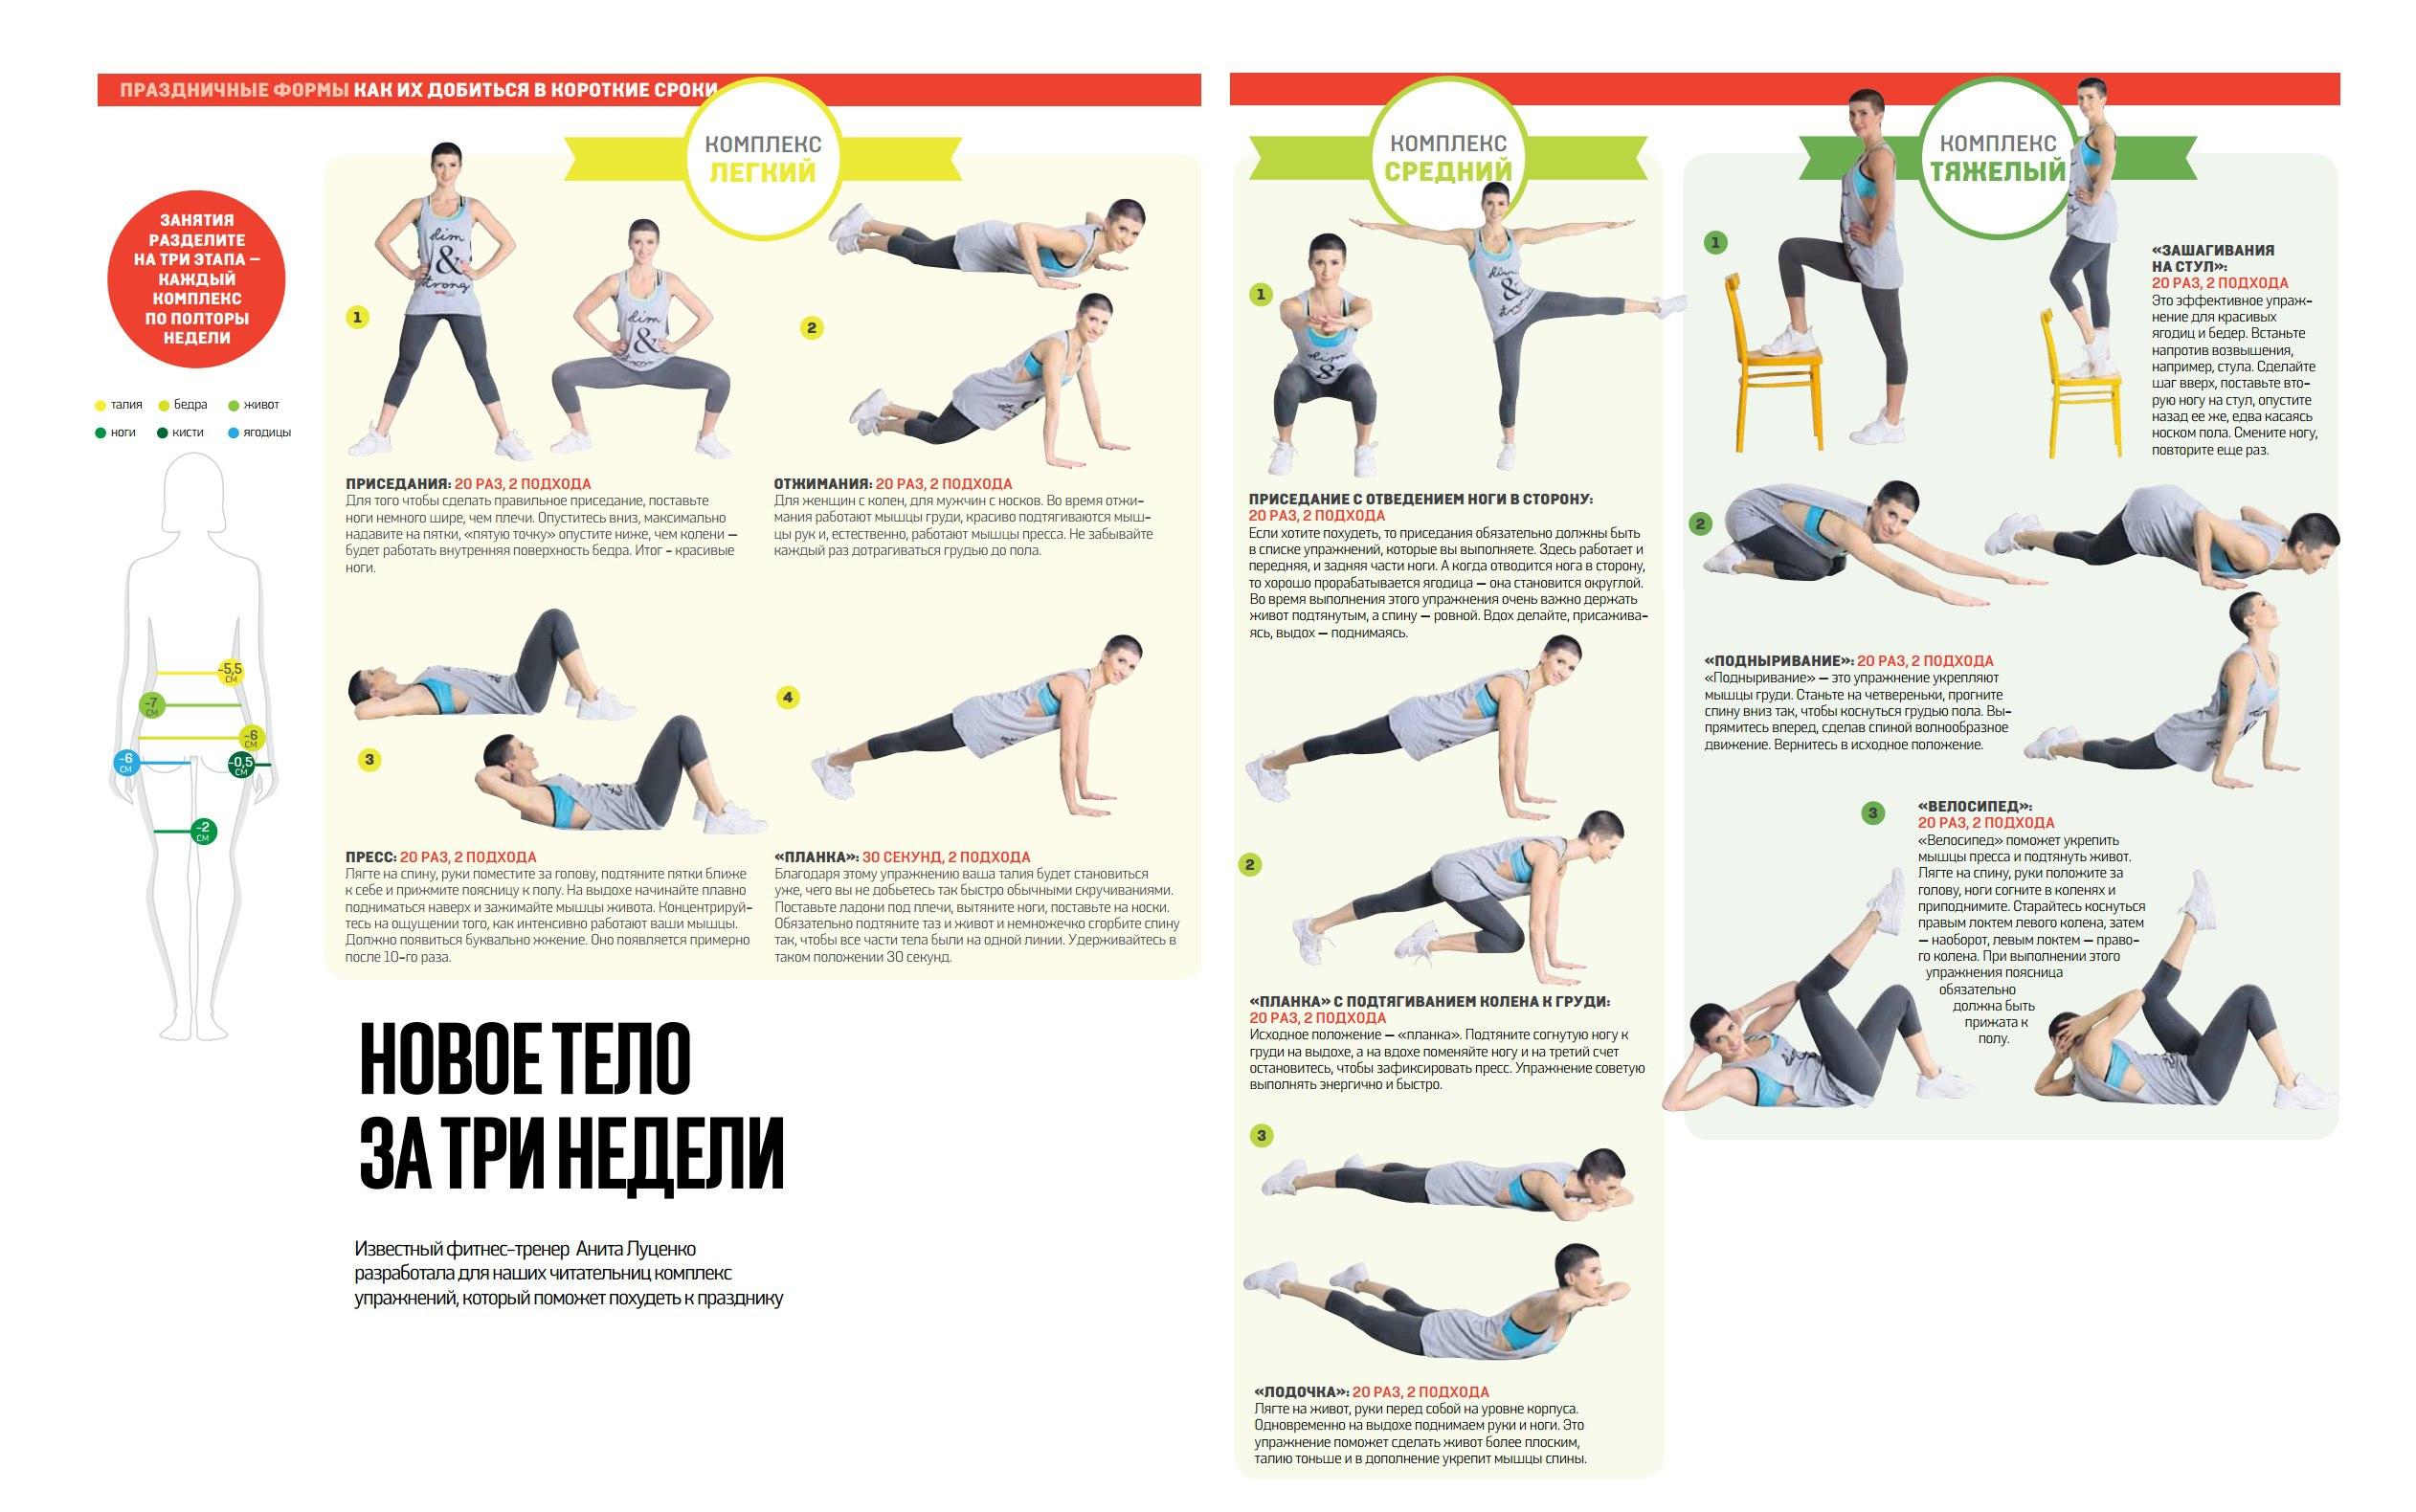 10 упражнений для похудения видео